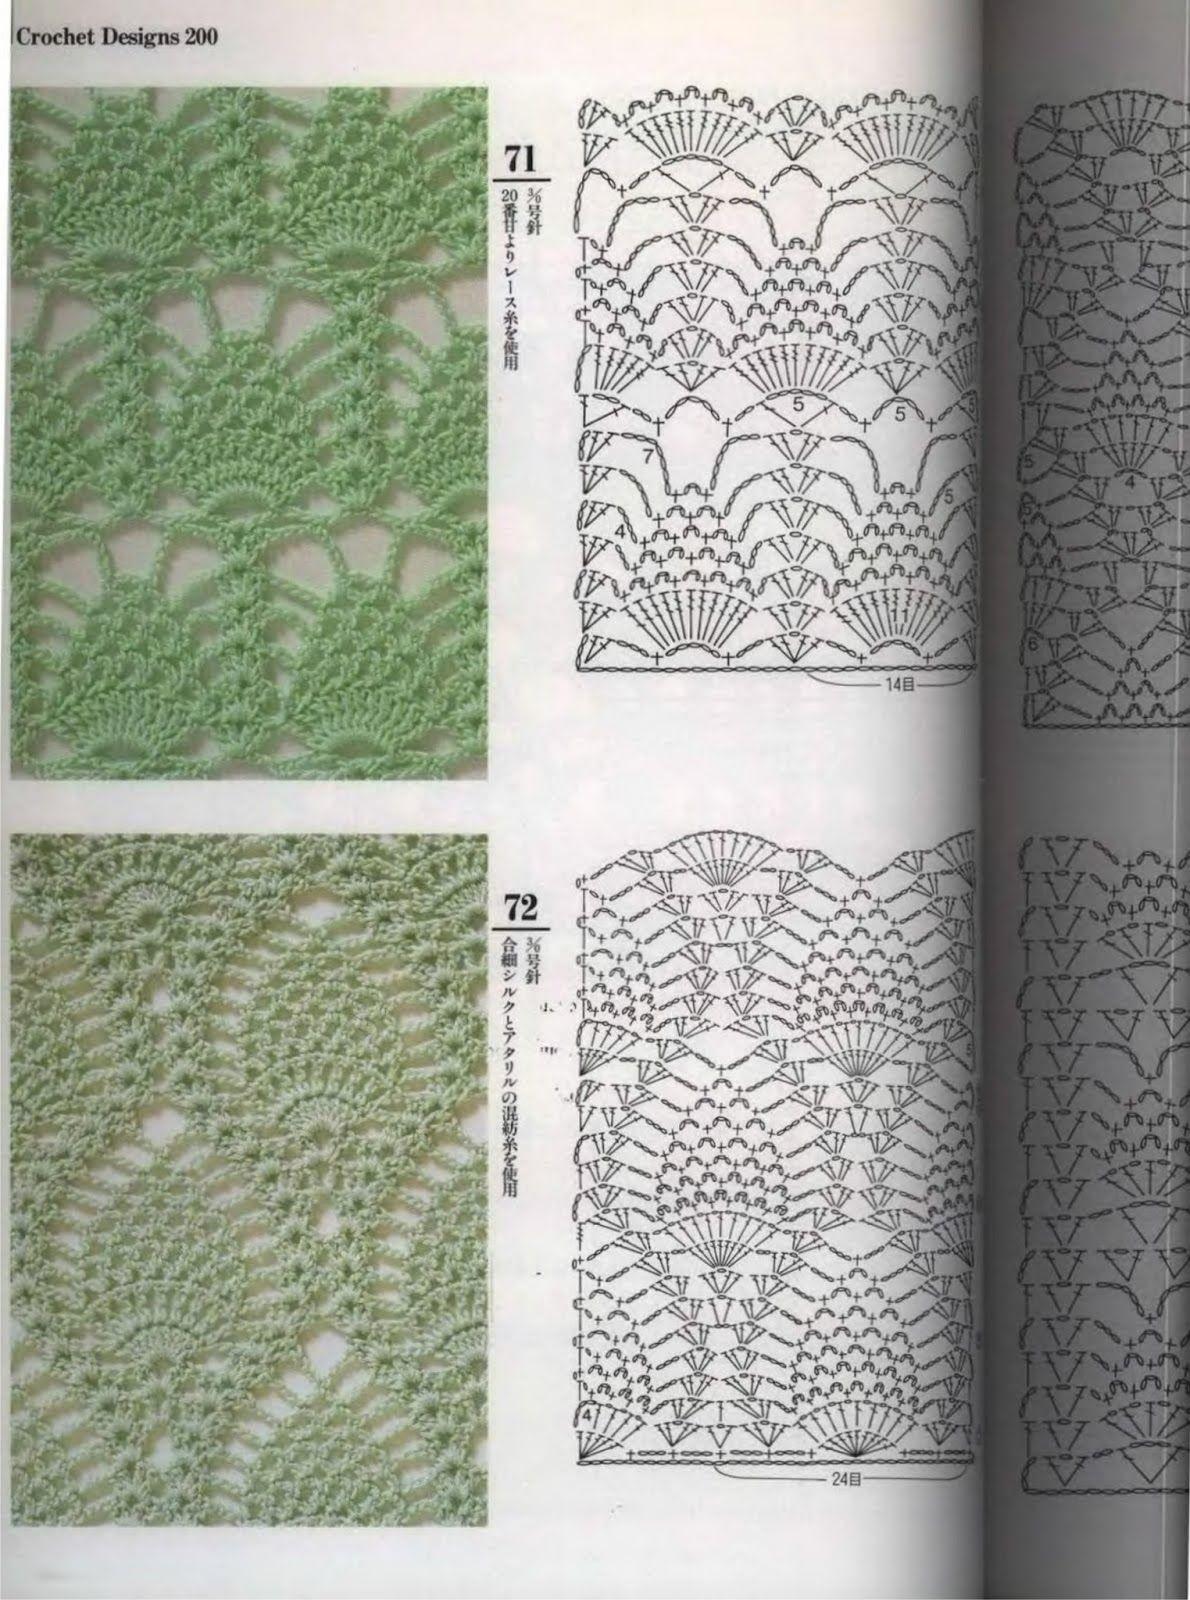 Asombroso Piña Crochet Patrón Afghan Adorno - Manta de Tejer Patrón ...